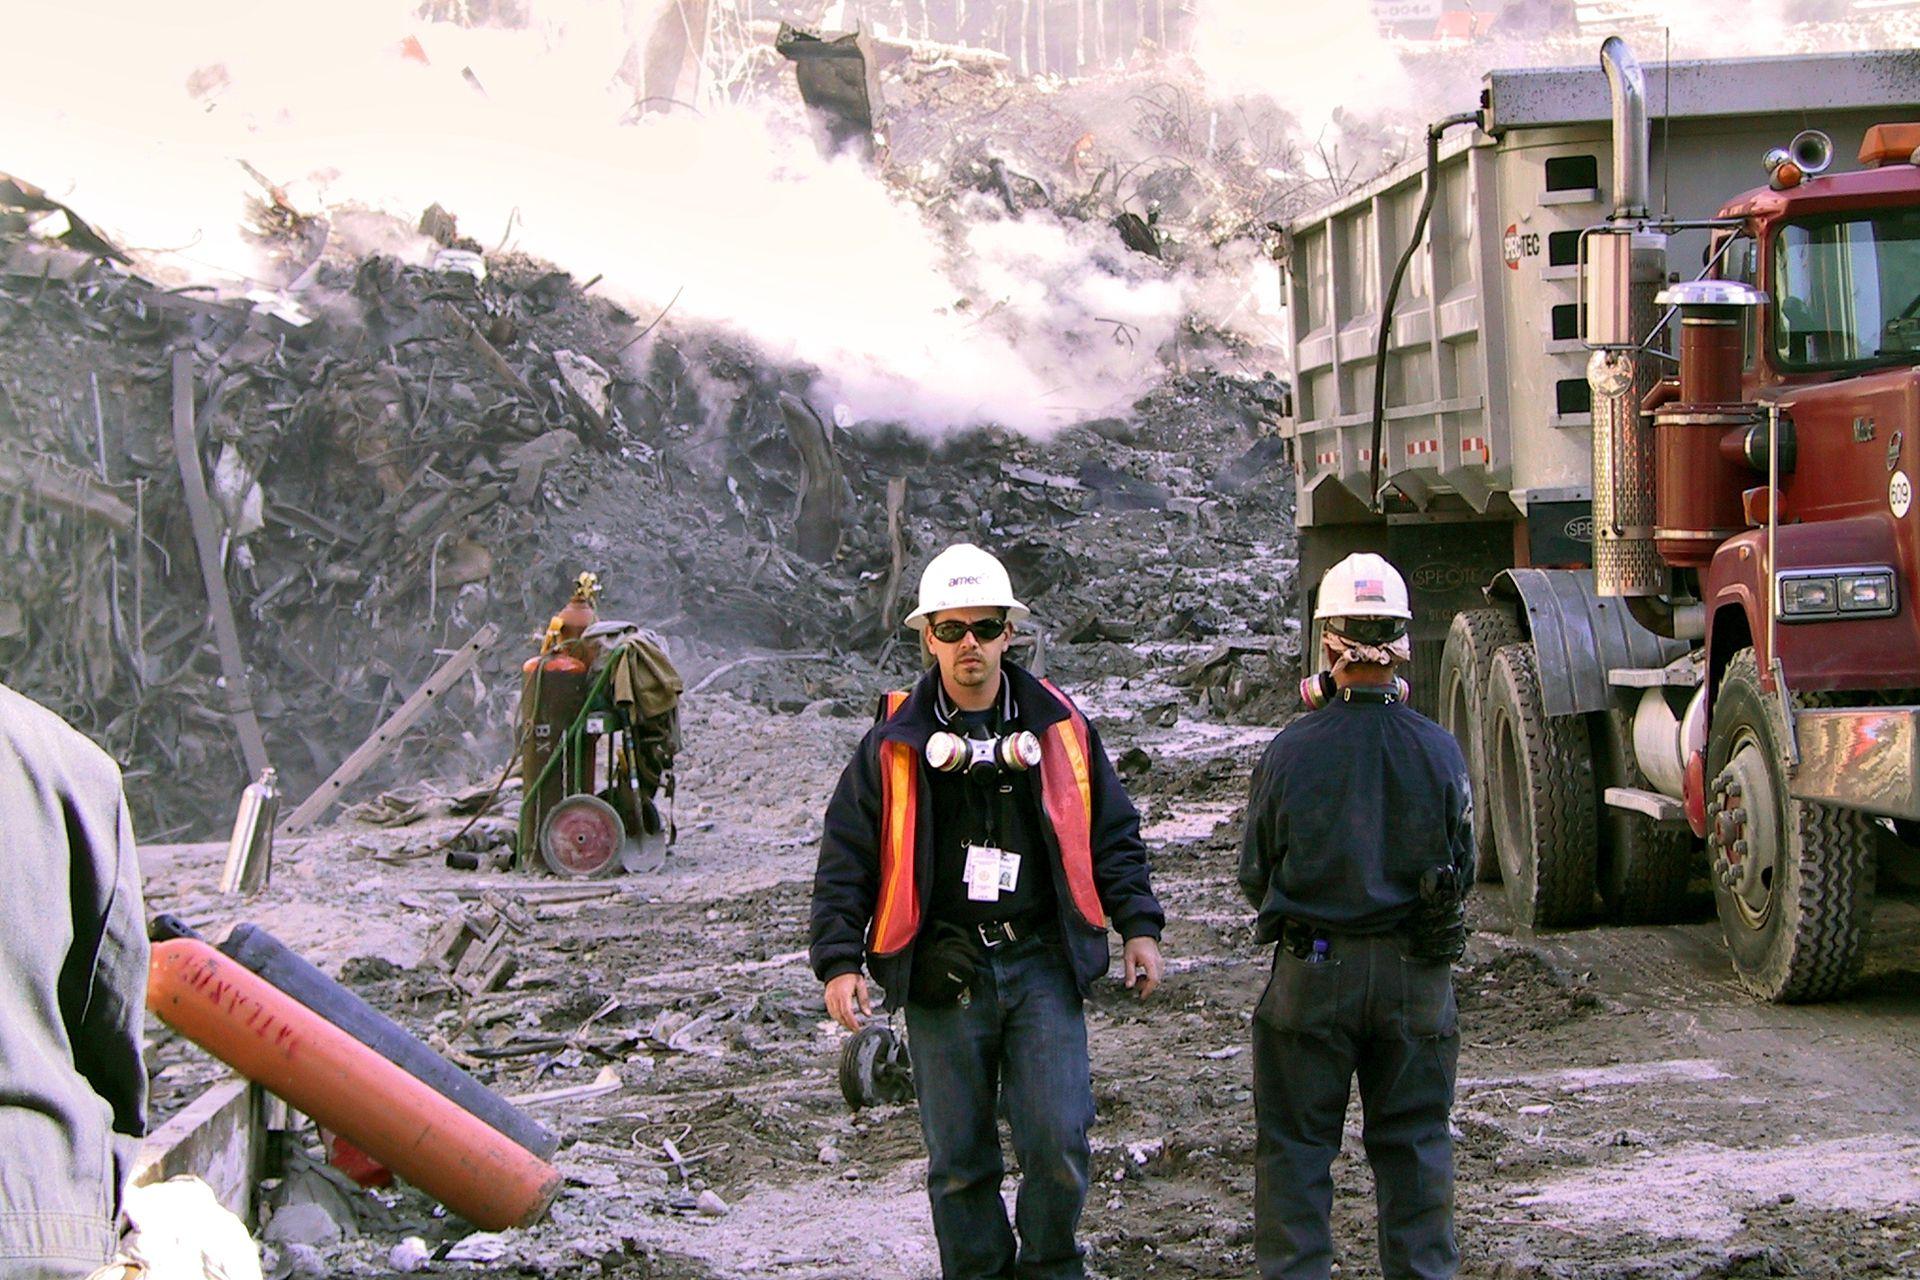 Las fotos inéditas del atentado del 11-S en Nueva York halladas en una subasta